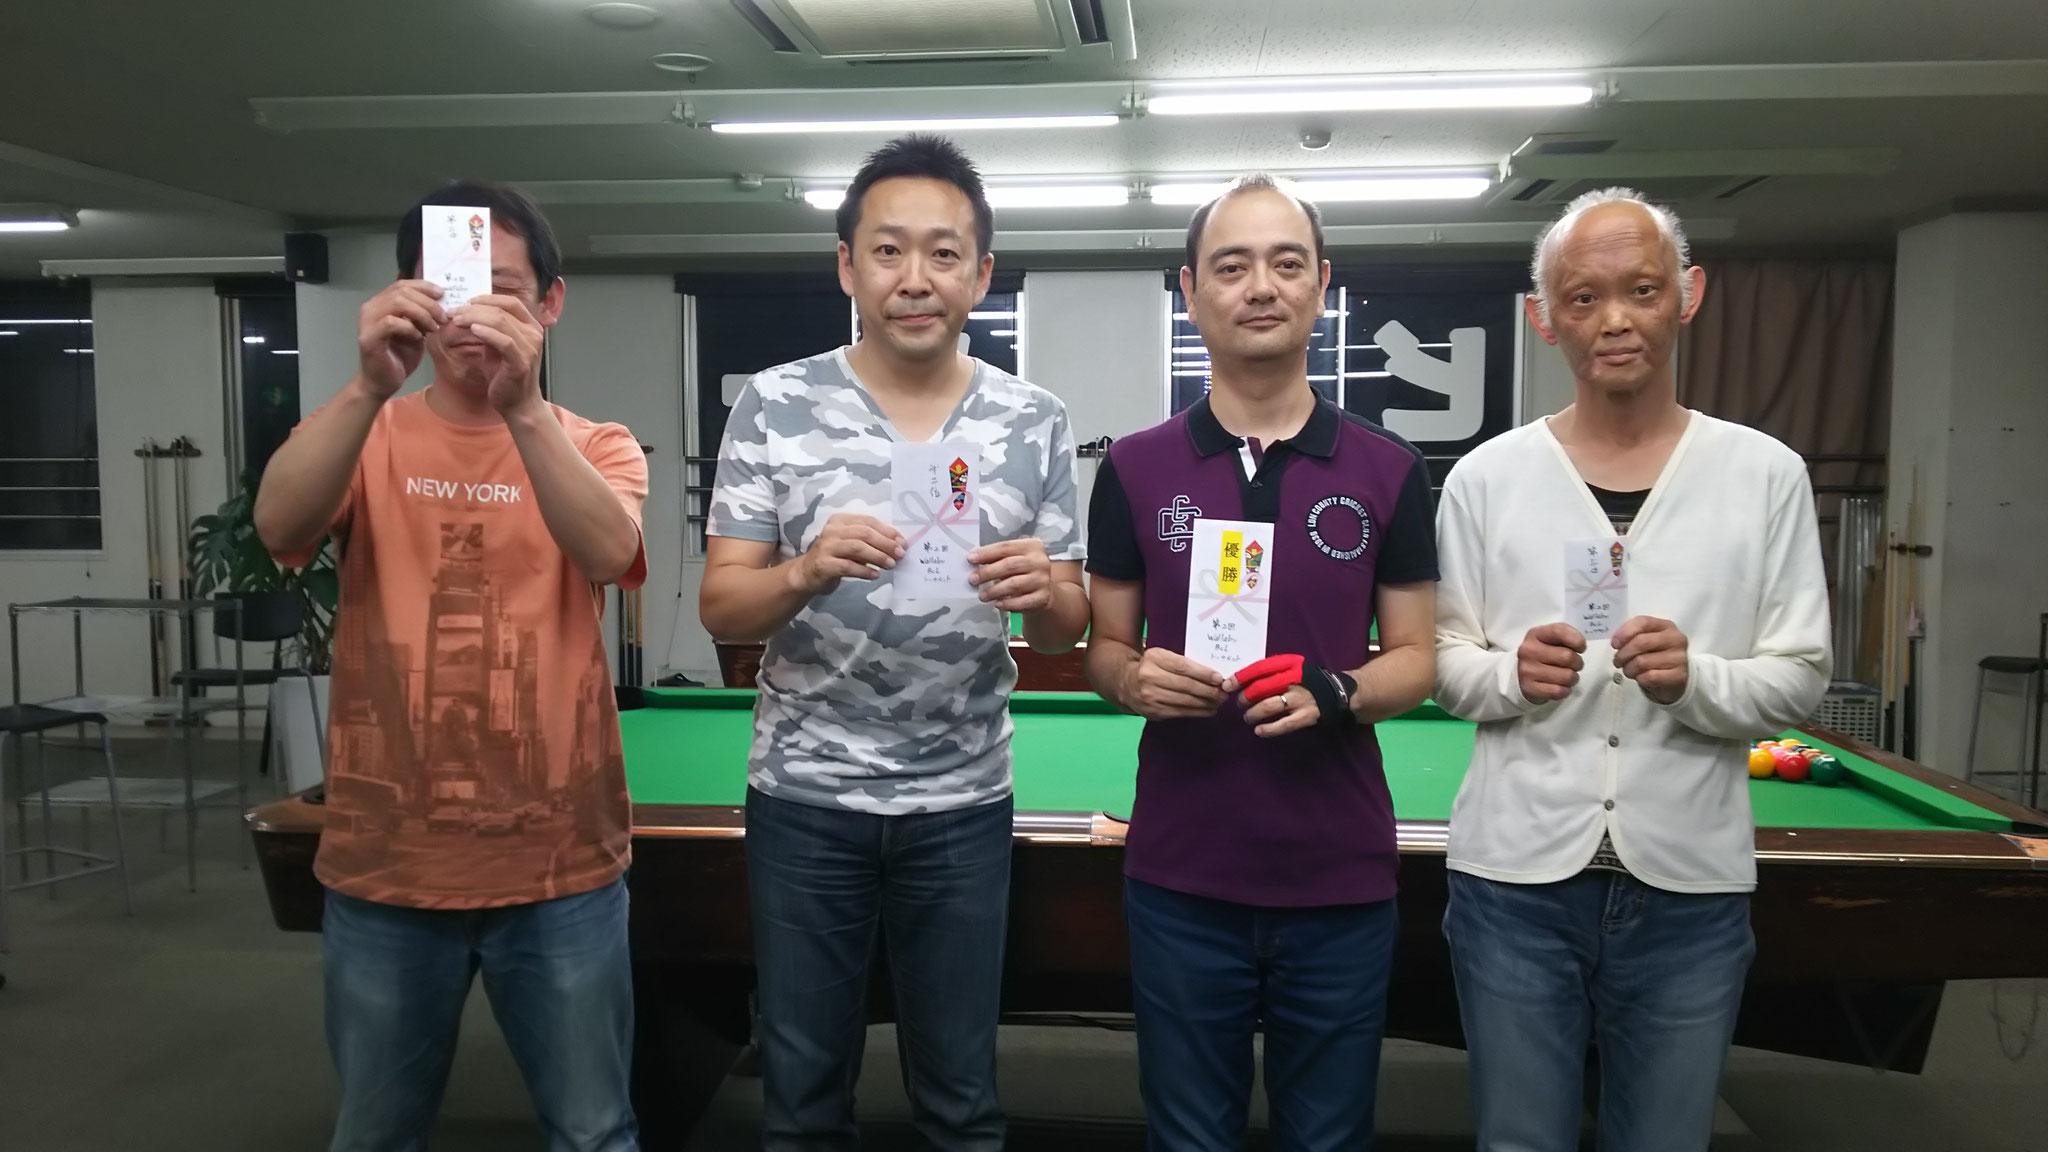 左から 鈴木さん(3位) 藤本さん(準優勝) 冨繁さん(優勝) 岡山さん(3位タイ)